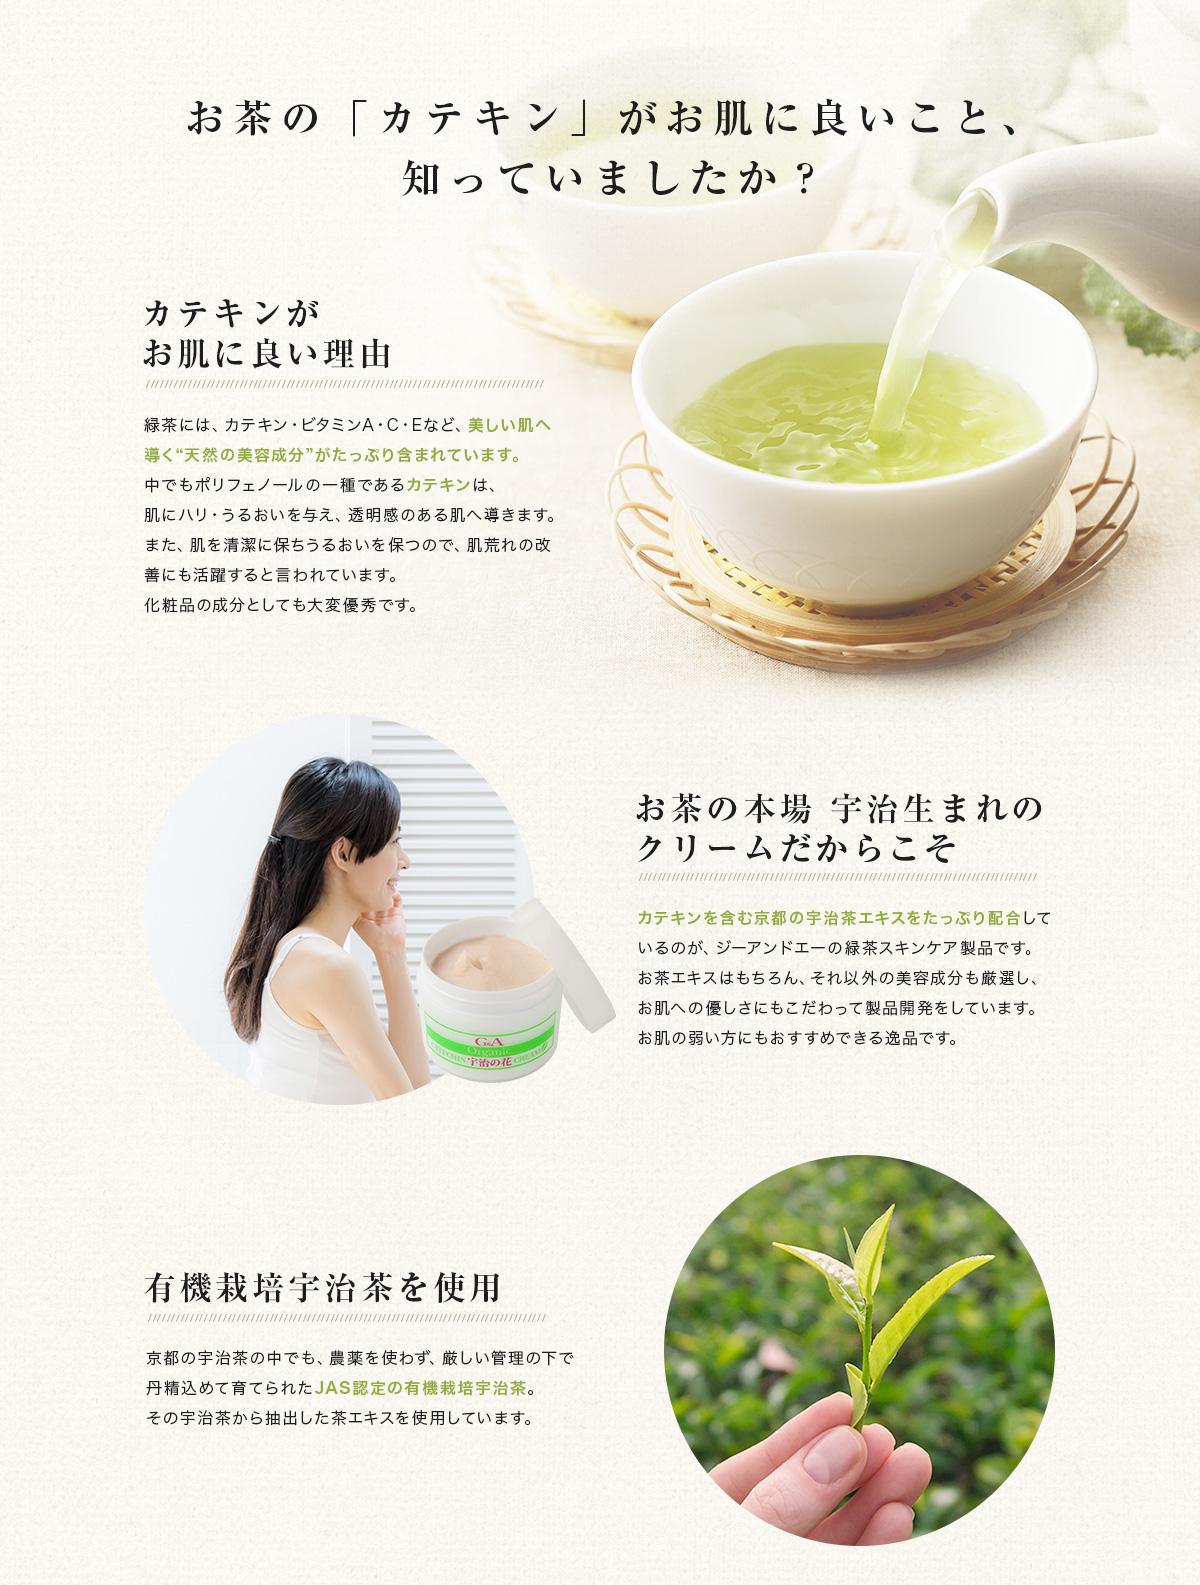 お茶の「カテキン」がお肌に良いこと、 知っていましたか?